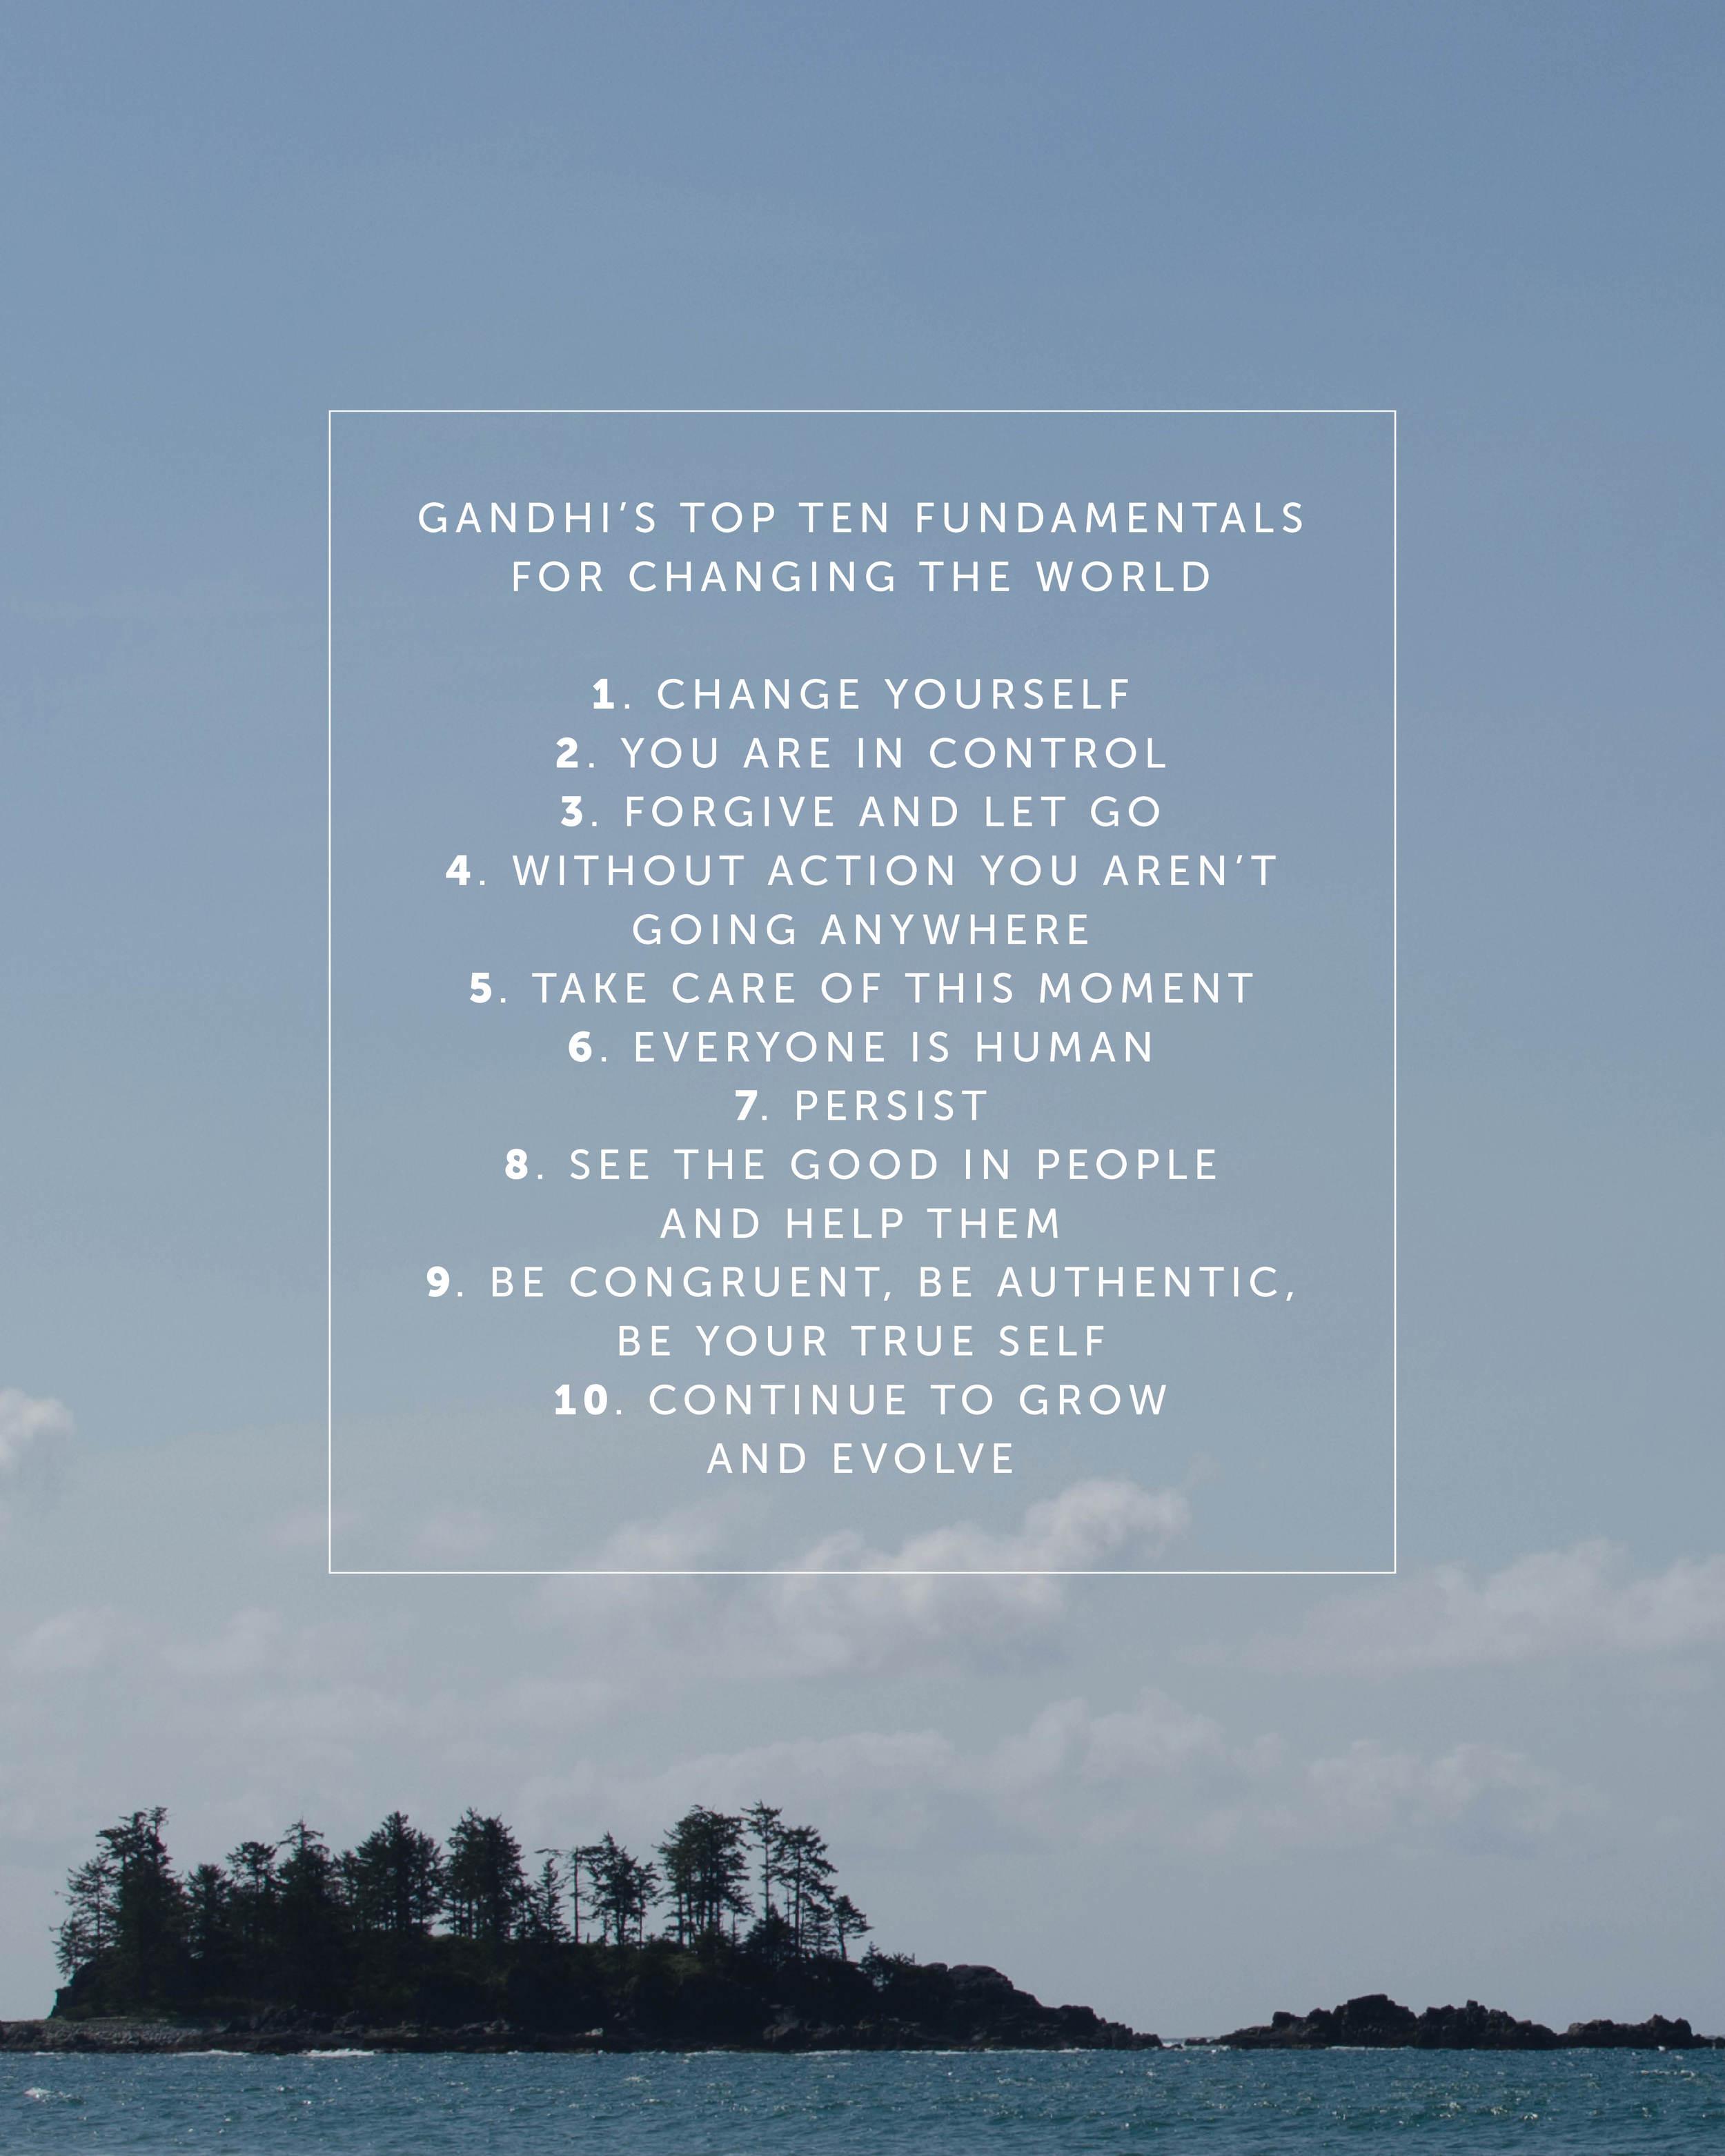 gandhifundamentals